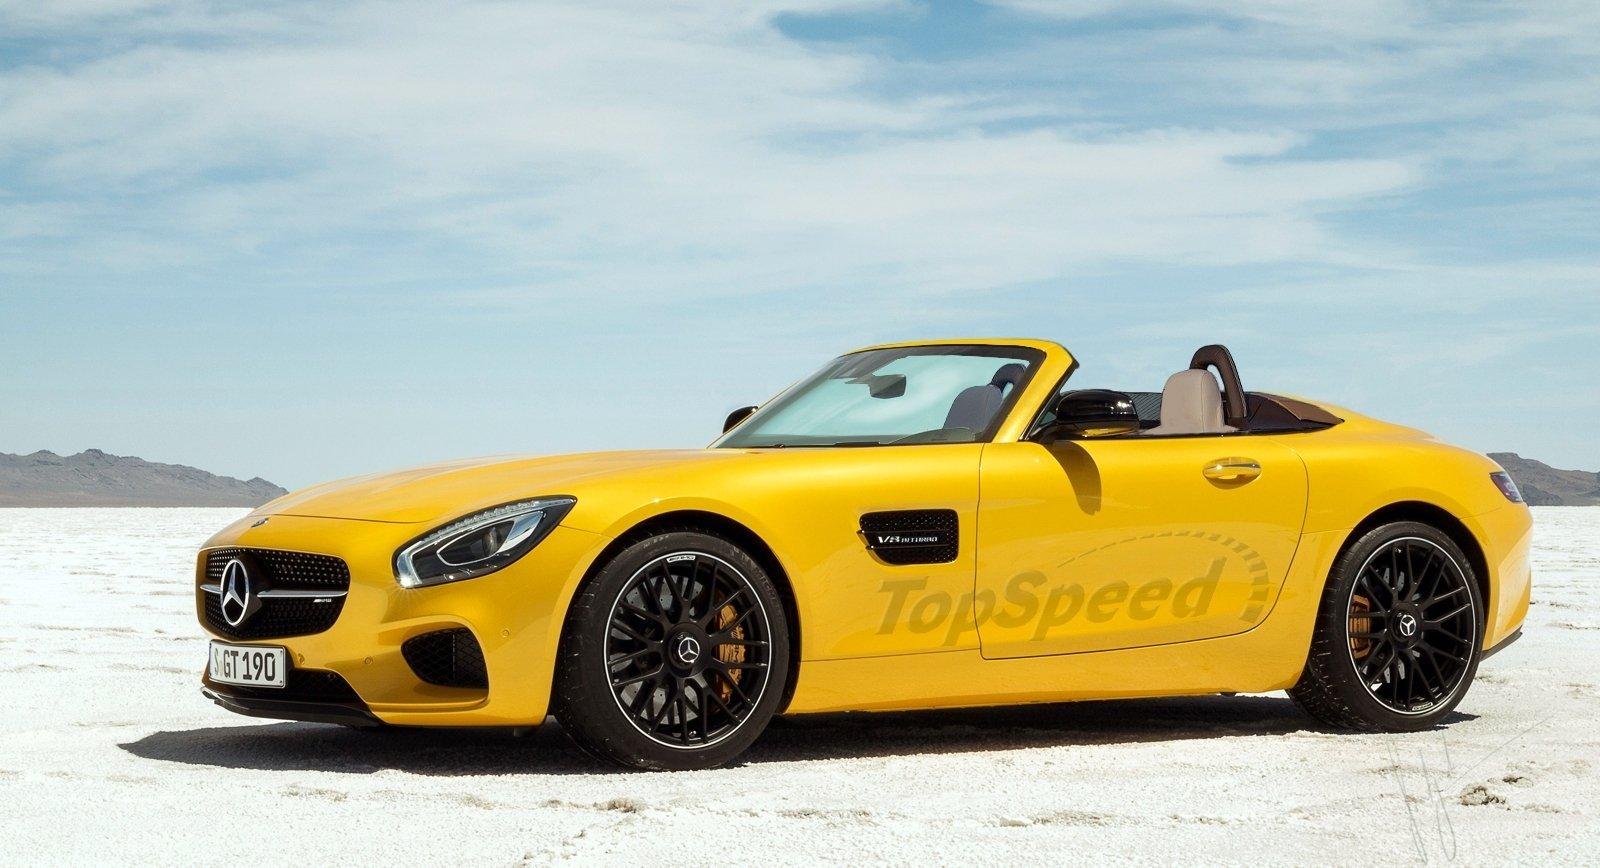 Mercedes-AMG-GT-sẽ-có-thêm-phiên-bản-Roadster